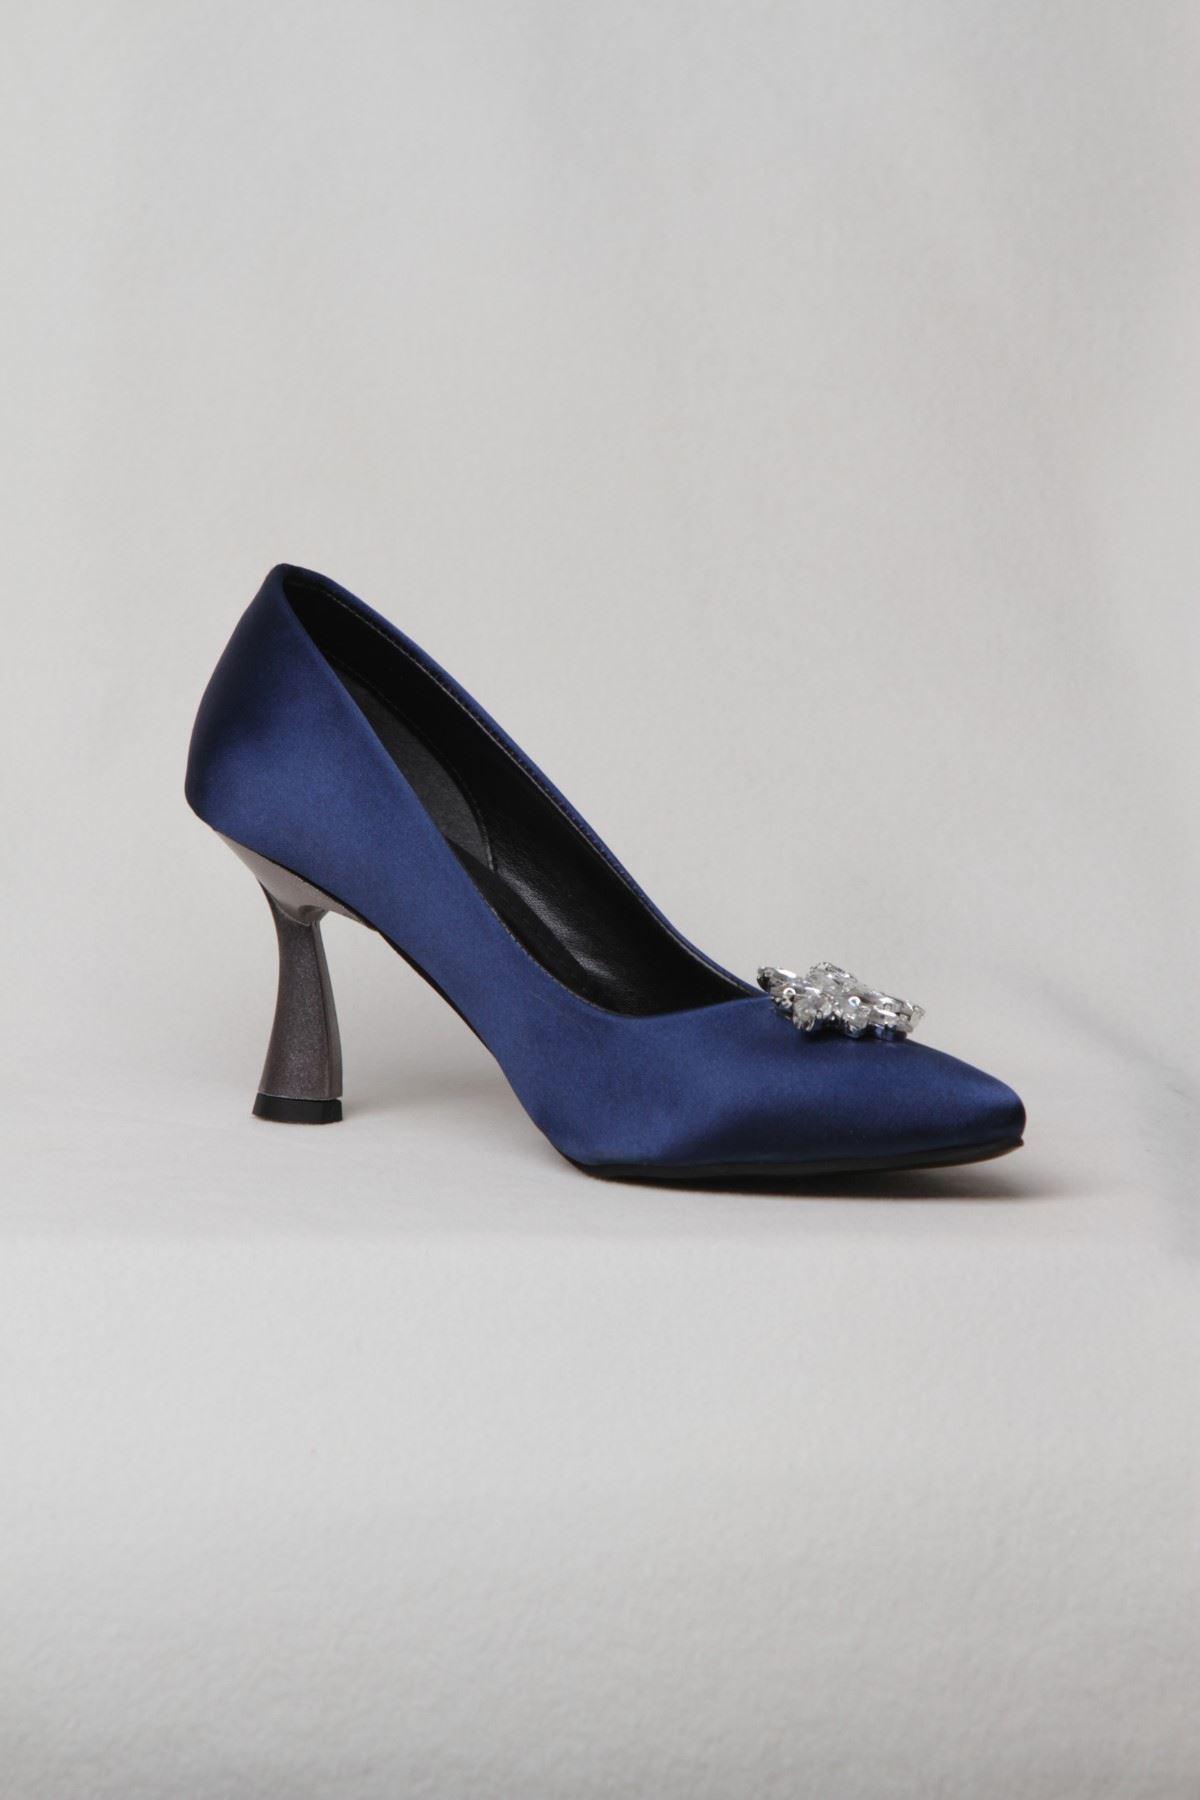 Kadın Yaprak Taşlı Yüksek Topuklu  Abiye Ayakkabı - Lacivert